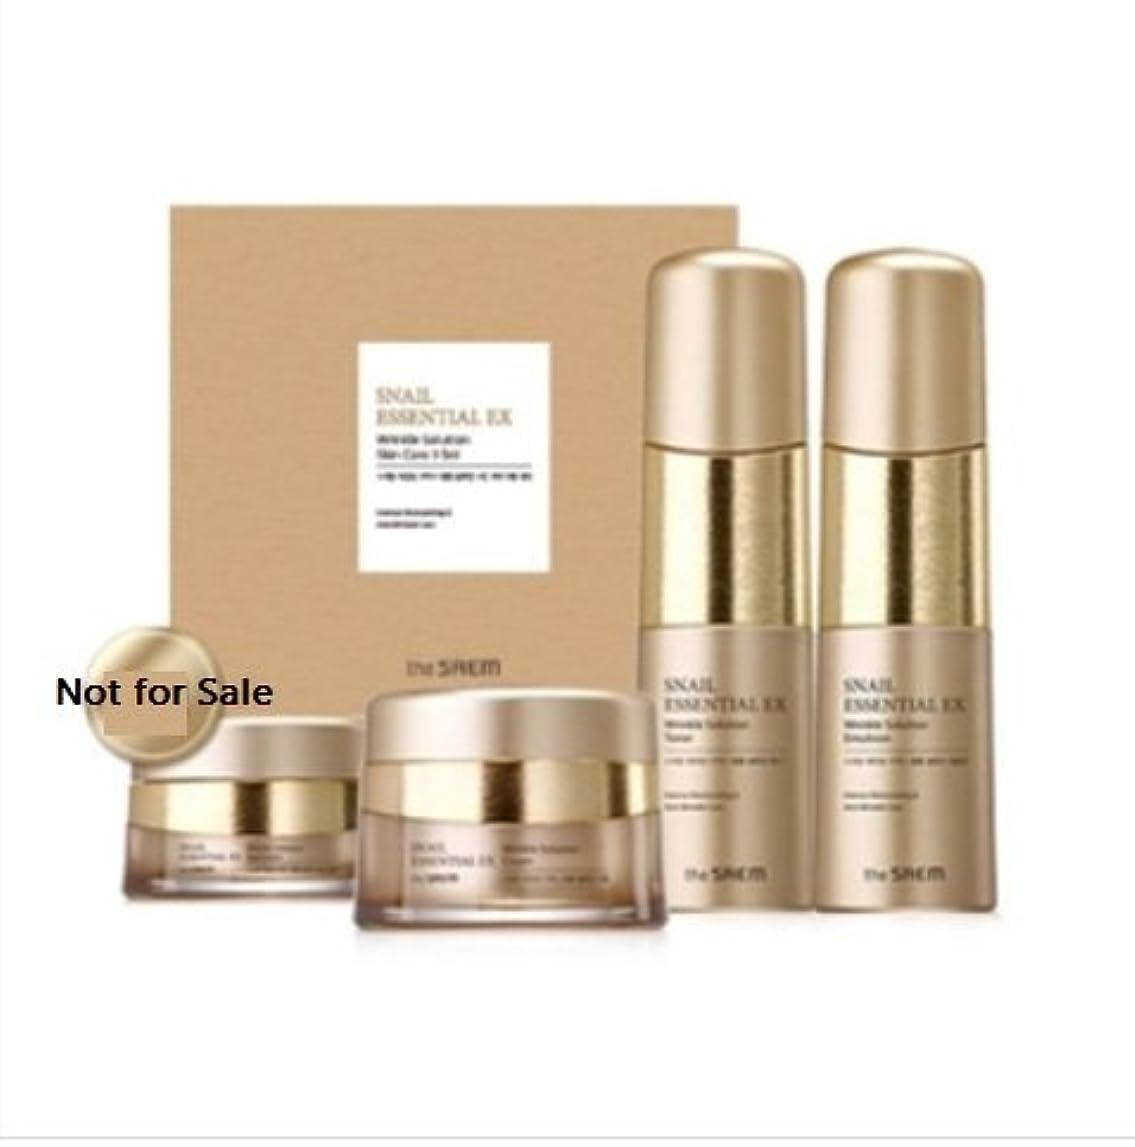 落胆するさようなら曲げる[ザセム] The Saem [スネイル エッセンシャル EXリンクルソリューション スキンケア 3種セット] (Snail Essential EX-Wrinkle Solution Skin Care 3Set) [...